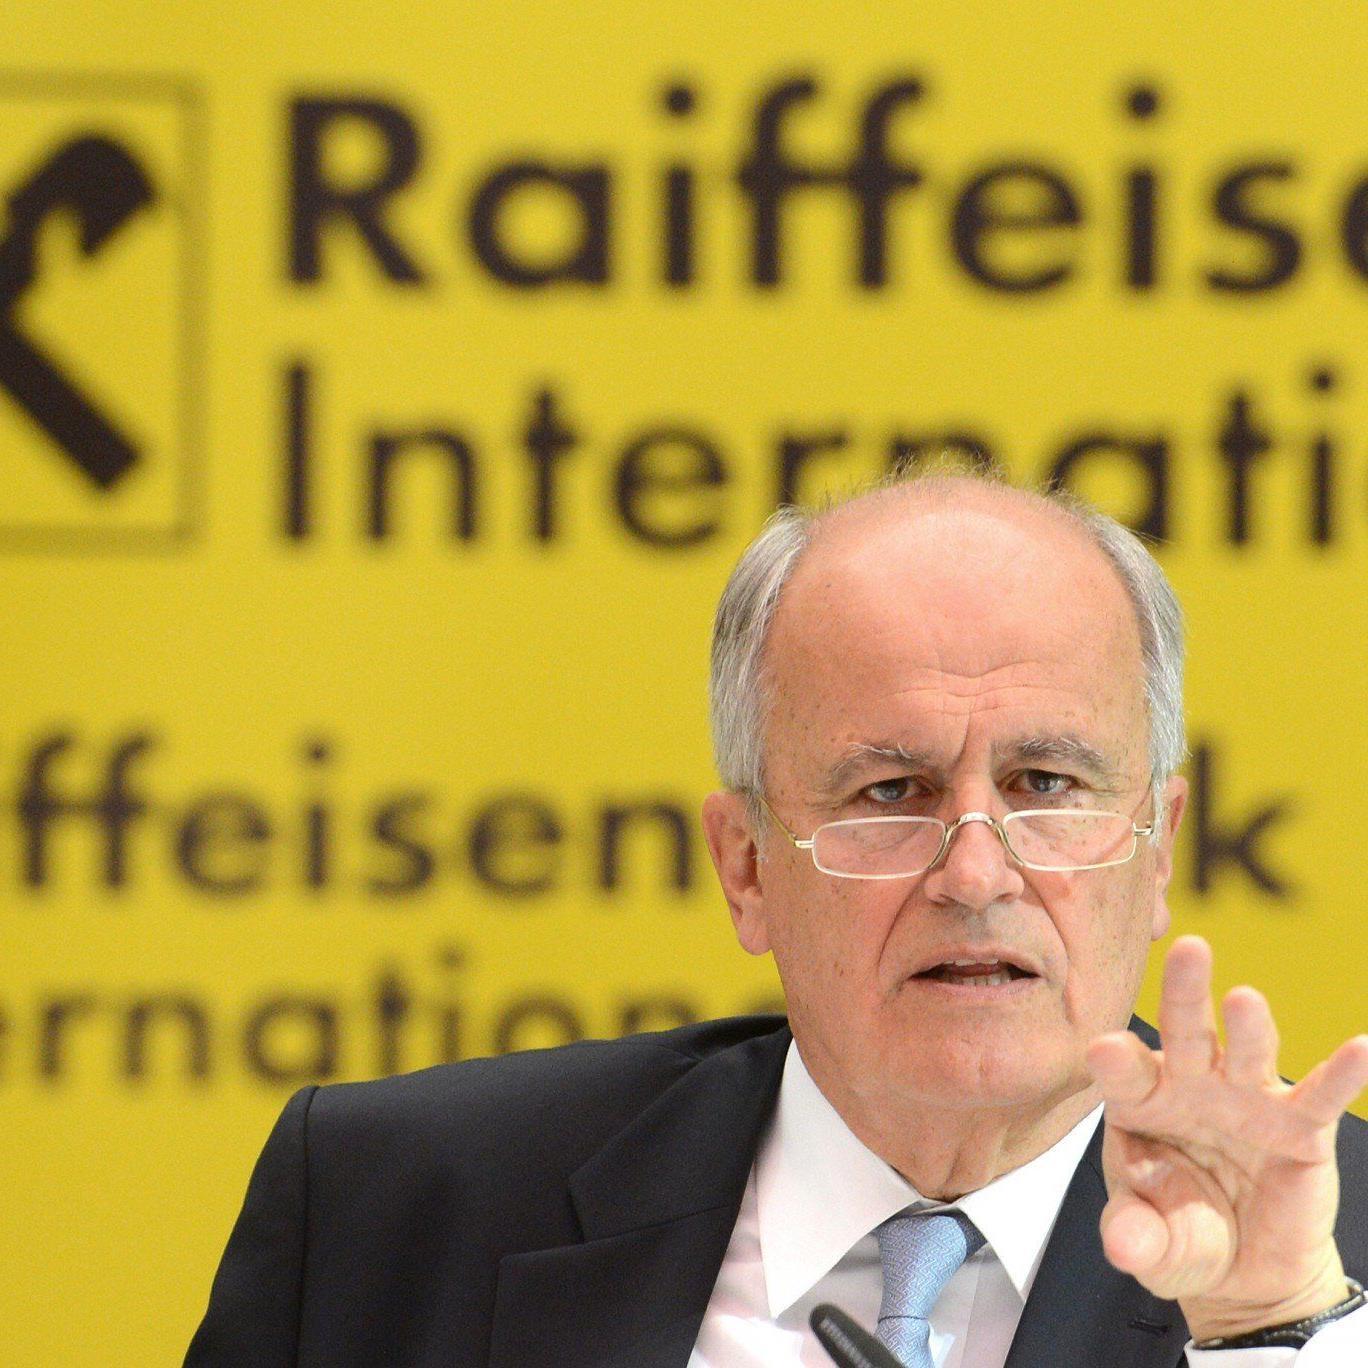 RBI-Chef Sevelda: Ukraine-Krise schadet uns, bringt aber keine existenzielle Risken.